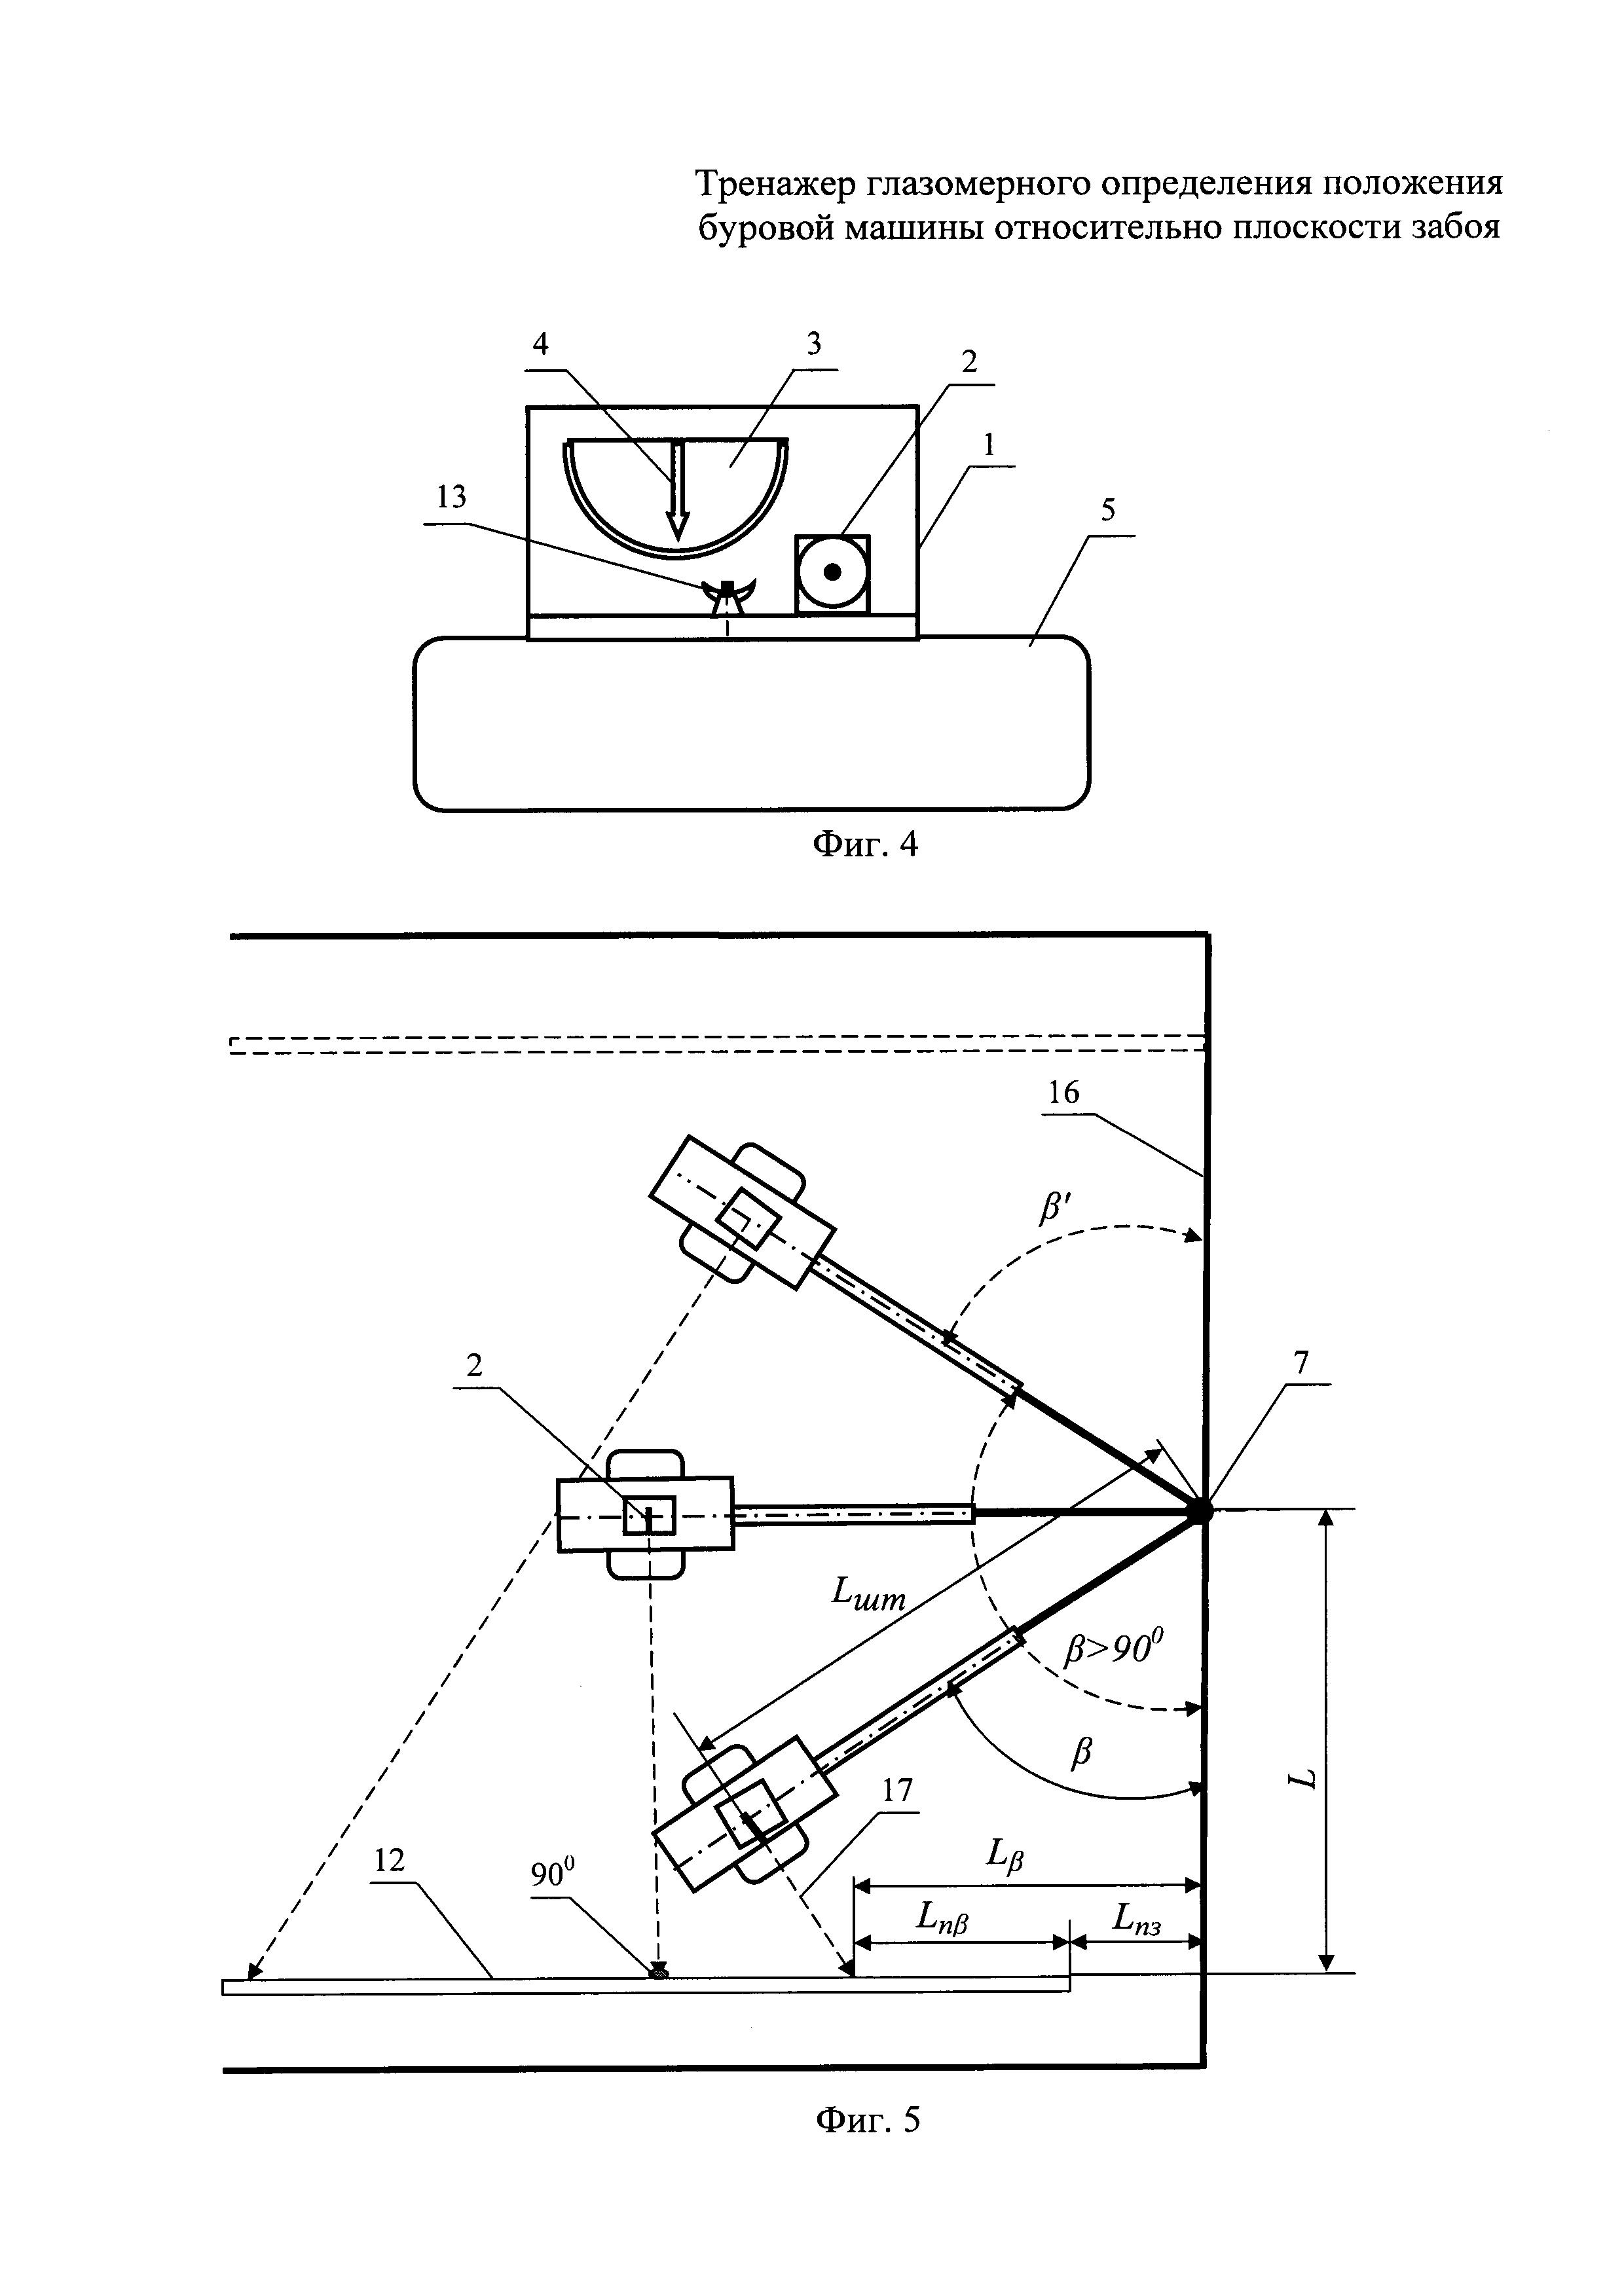 Тренажер глазомерного определения положения буровой машины относительно плоскости забоя